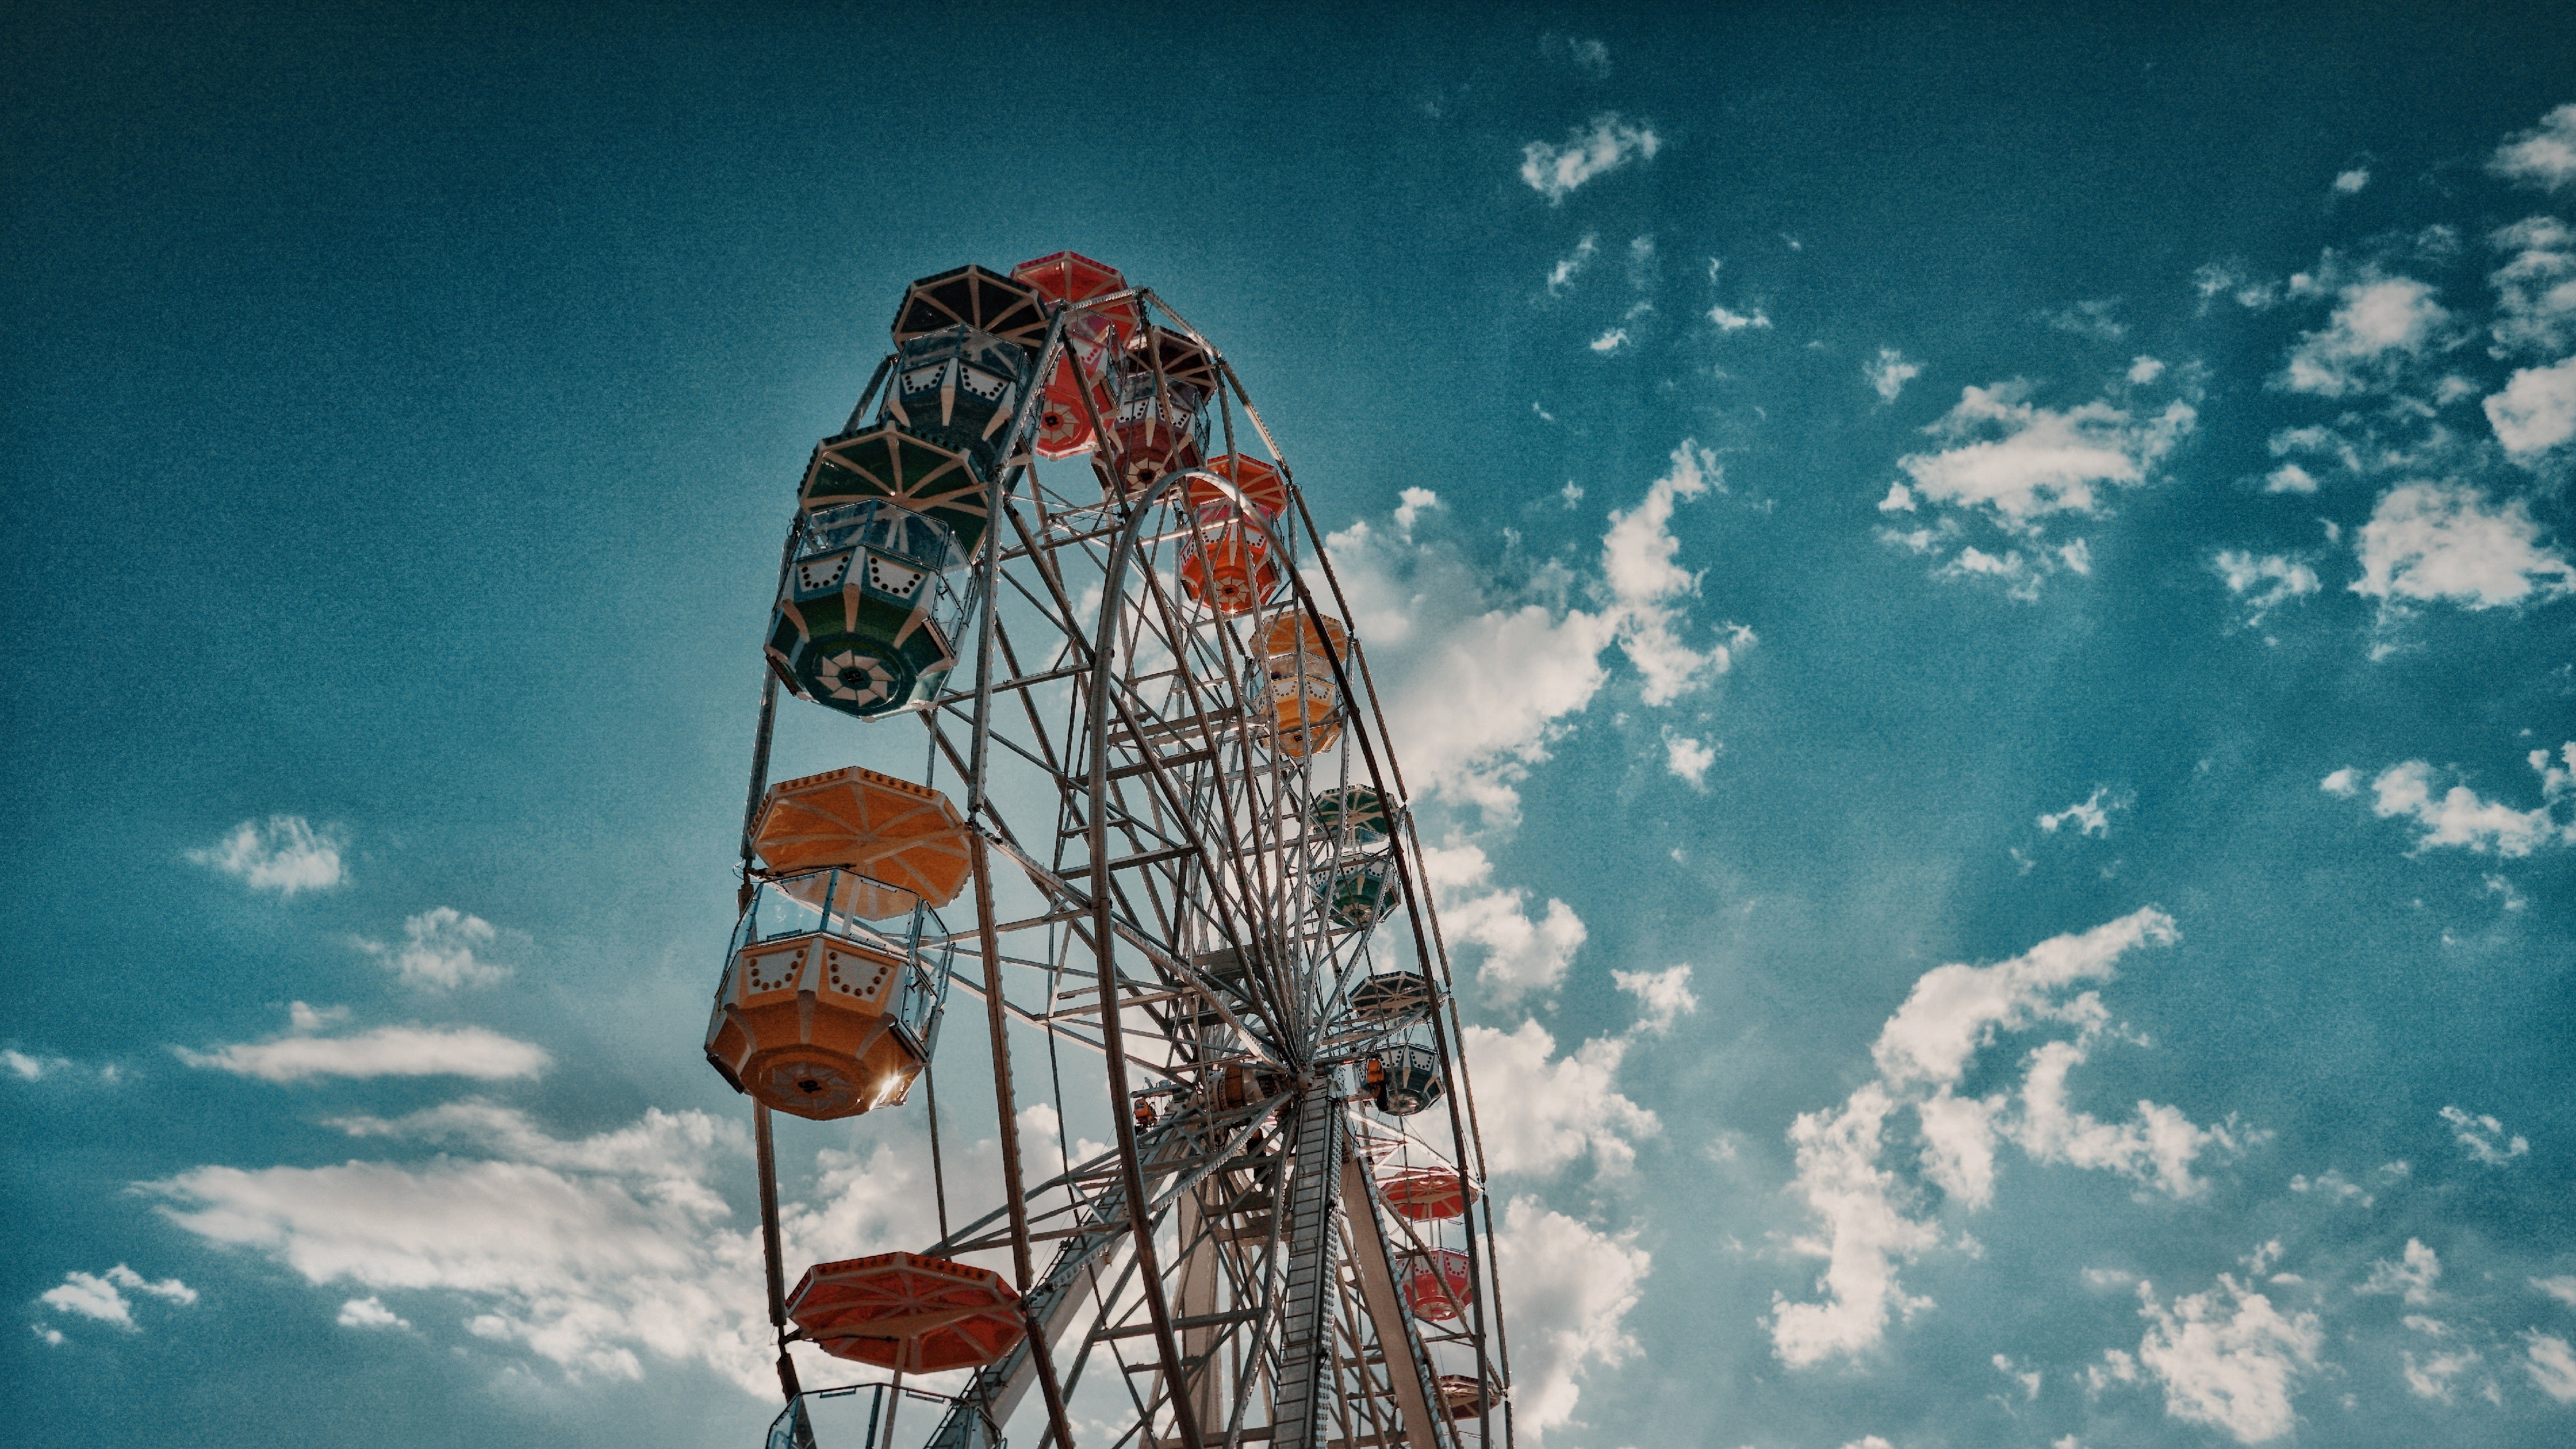 Park rozrywki, impreza masowa, lunapark, rozrywka, prawo